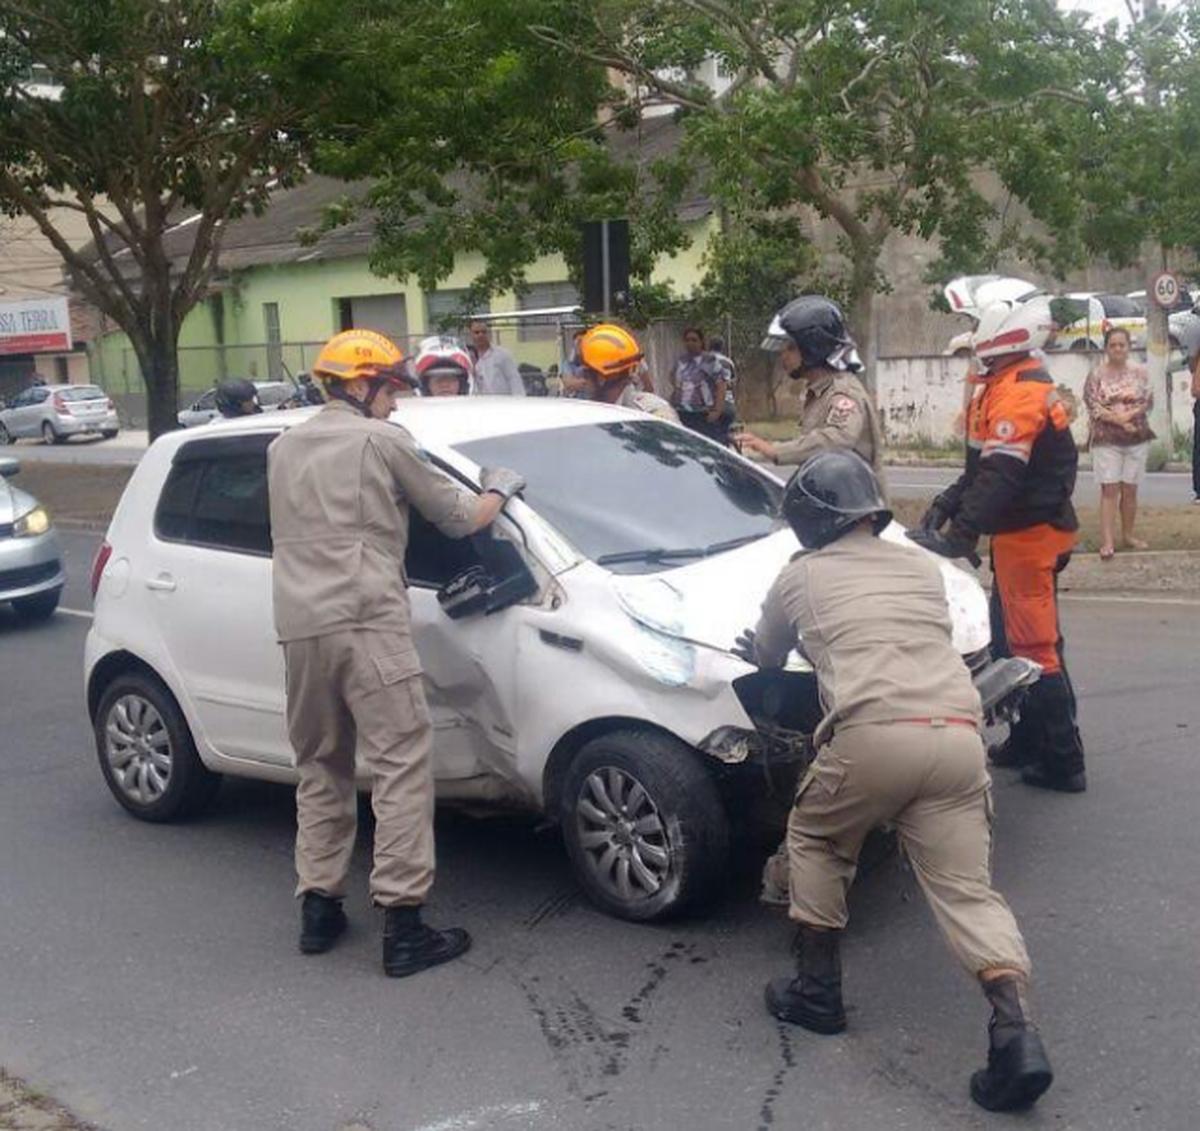 Idoso fica ferido em colisão na Avenida 28 de Março, em Campos, no RJ